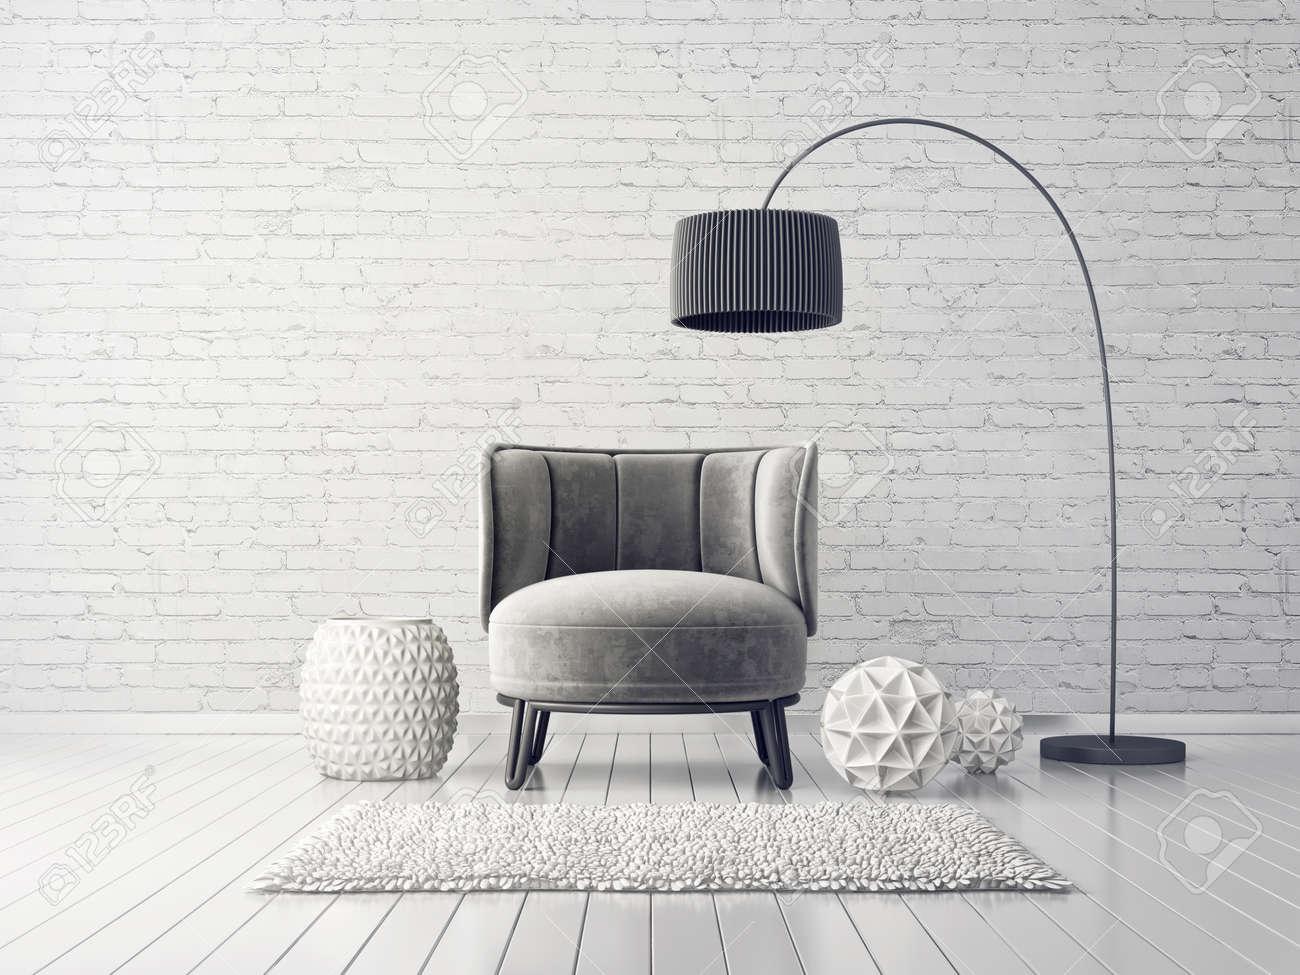 Salon moderne avec fauteuil gris et lampe scandinave intérieur design 3d  salles illustration rendu